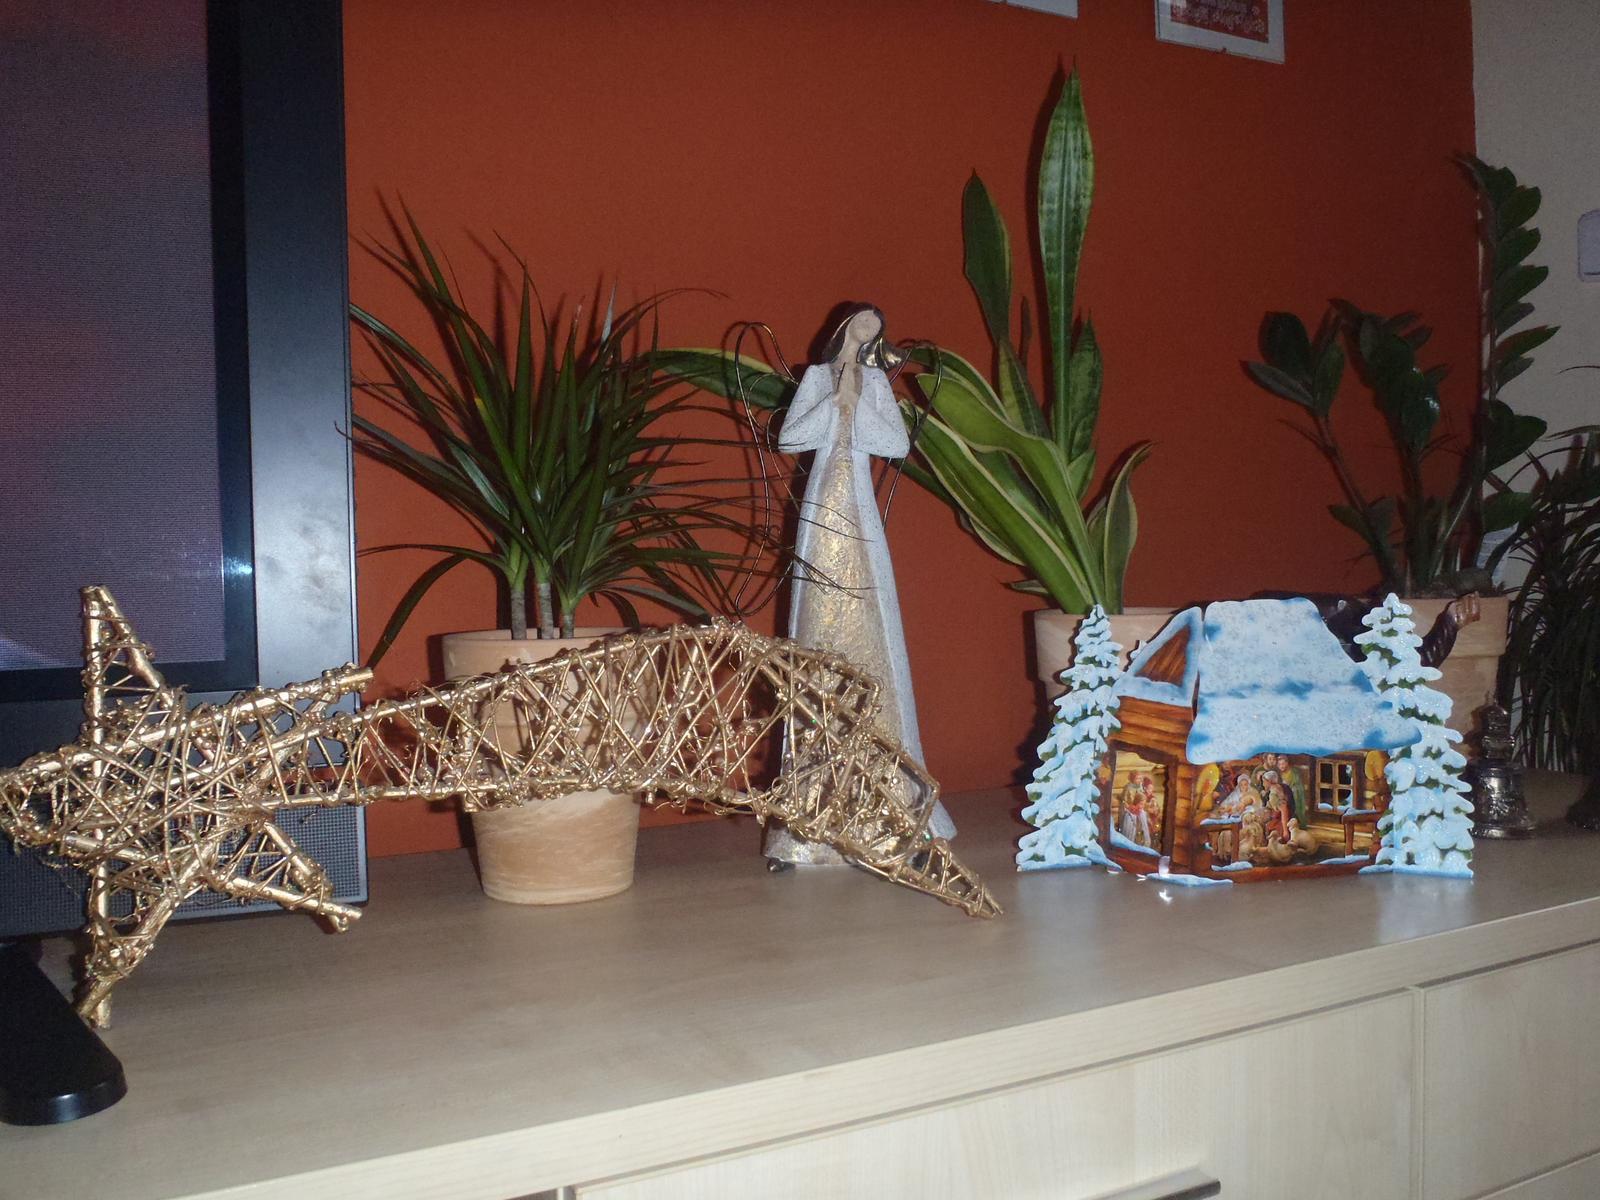 Vánoce 2012 - papírový betlém